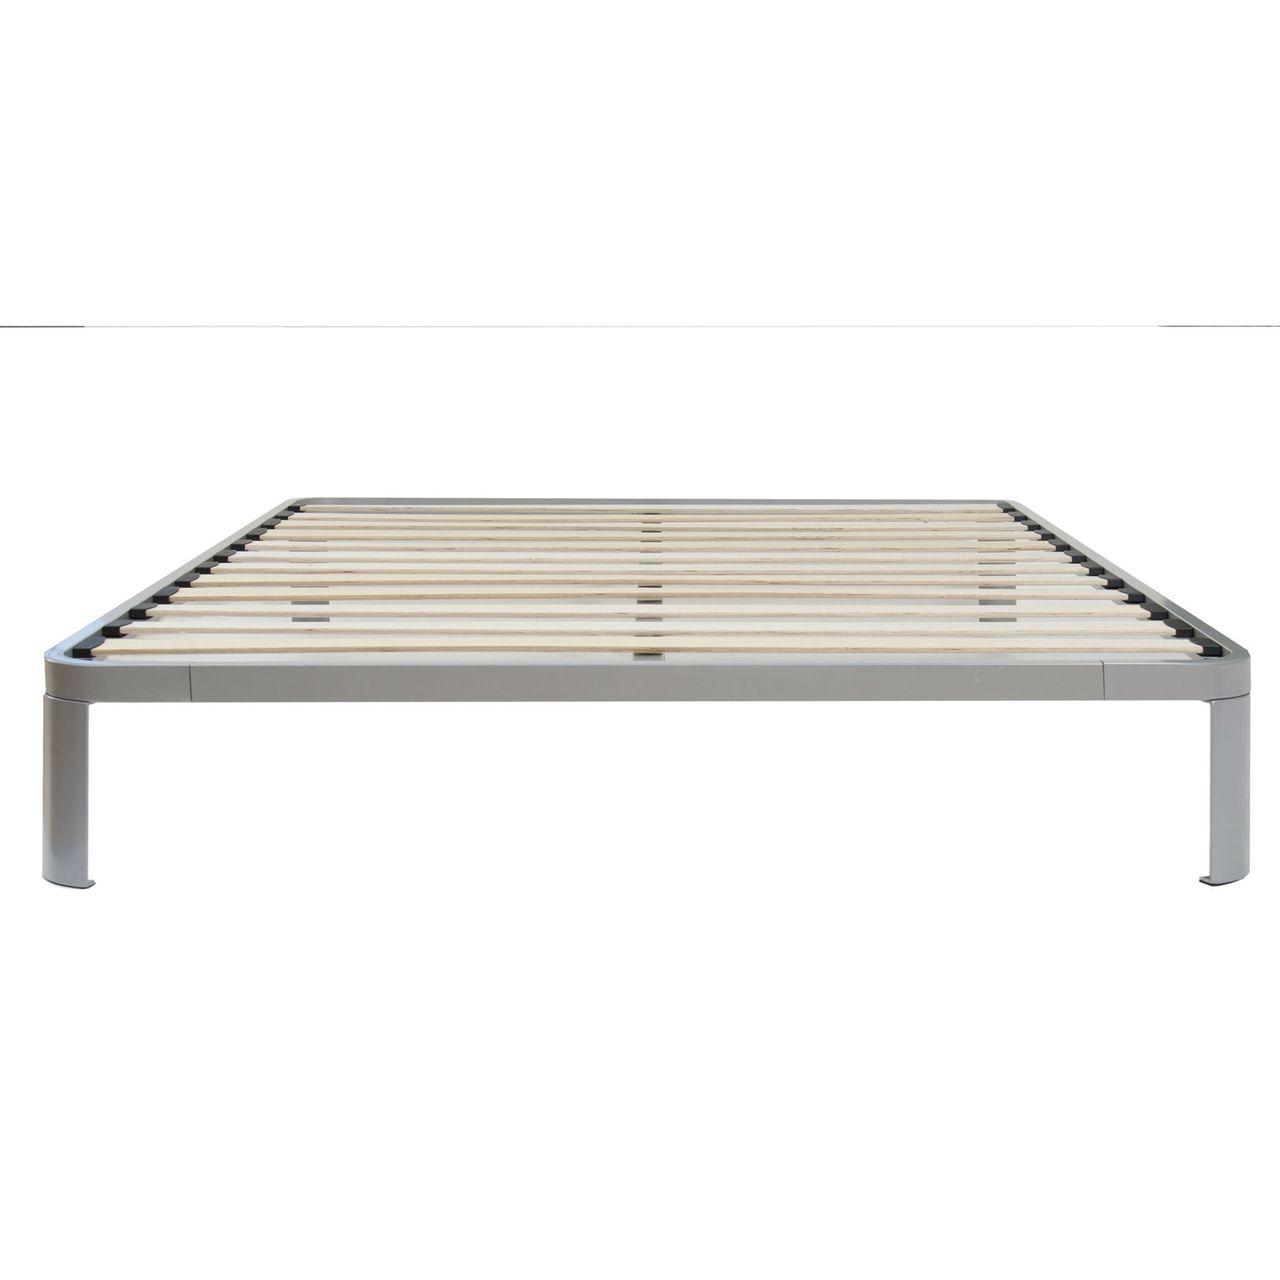 Full size Luna Metal Platform Bed Frame with Wooden Slats Metal